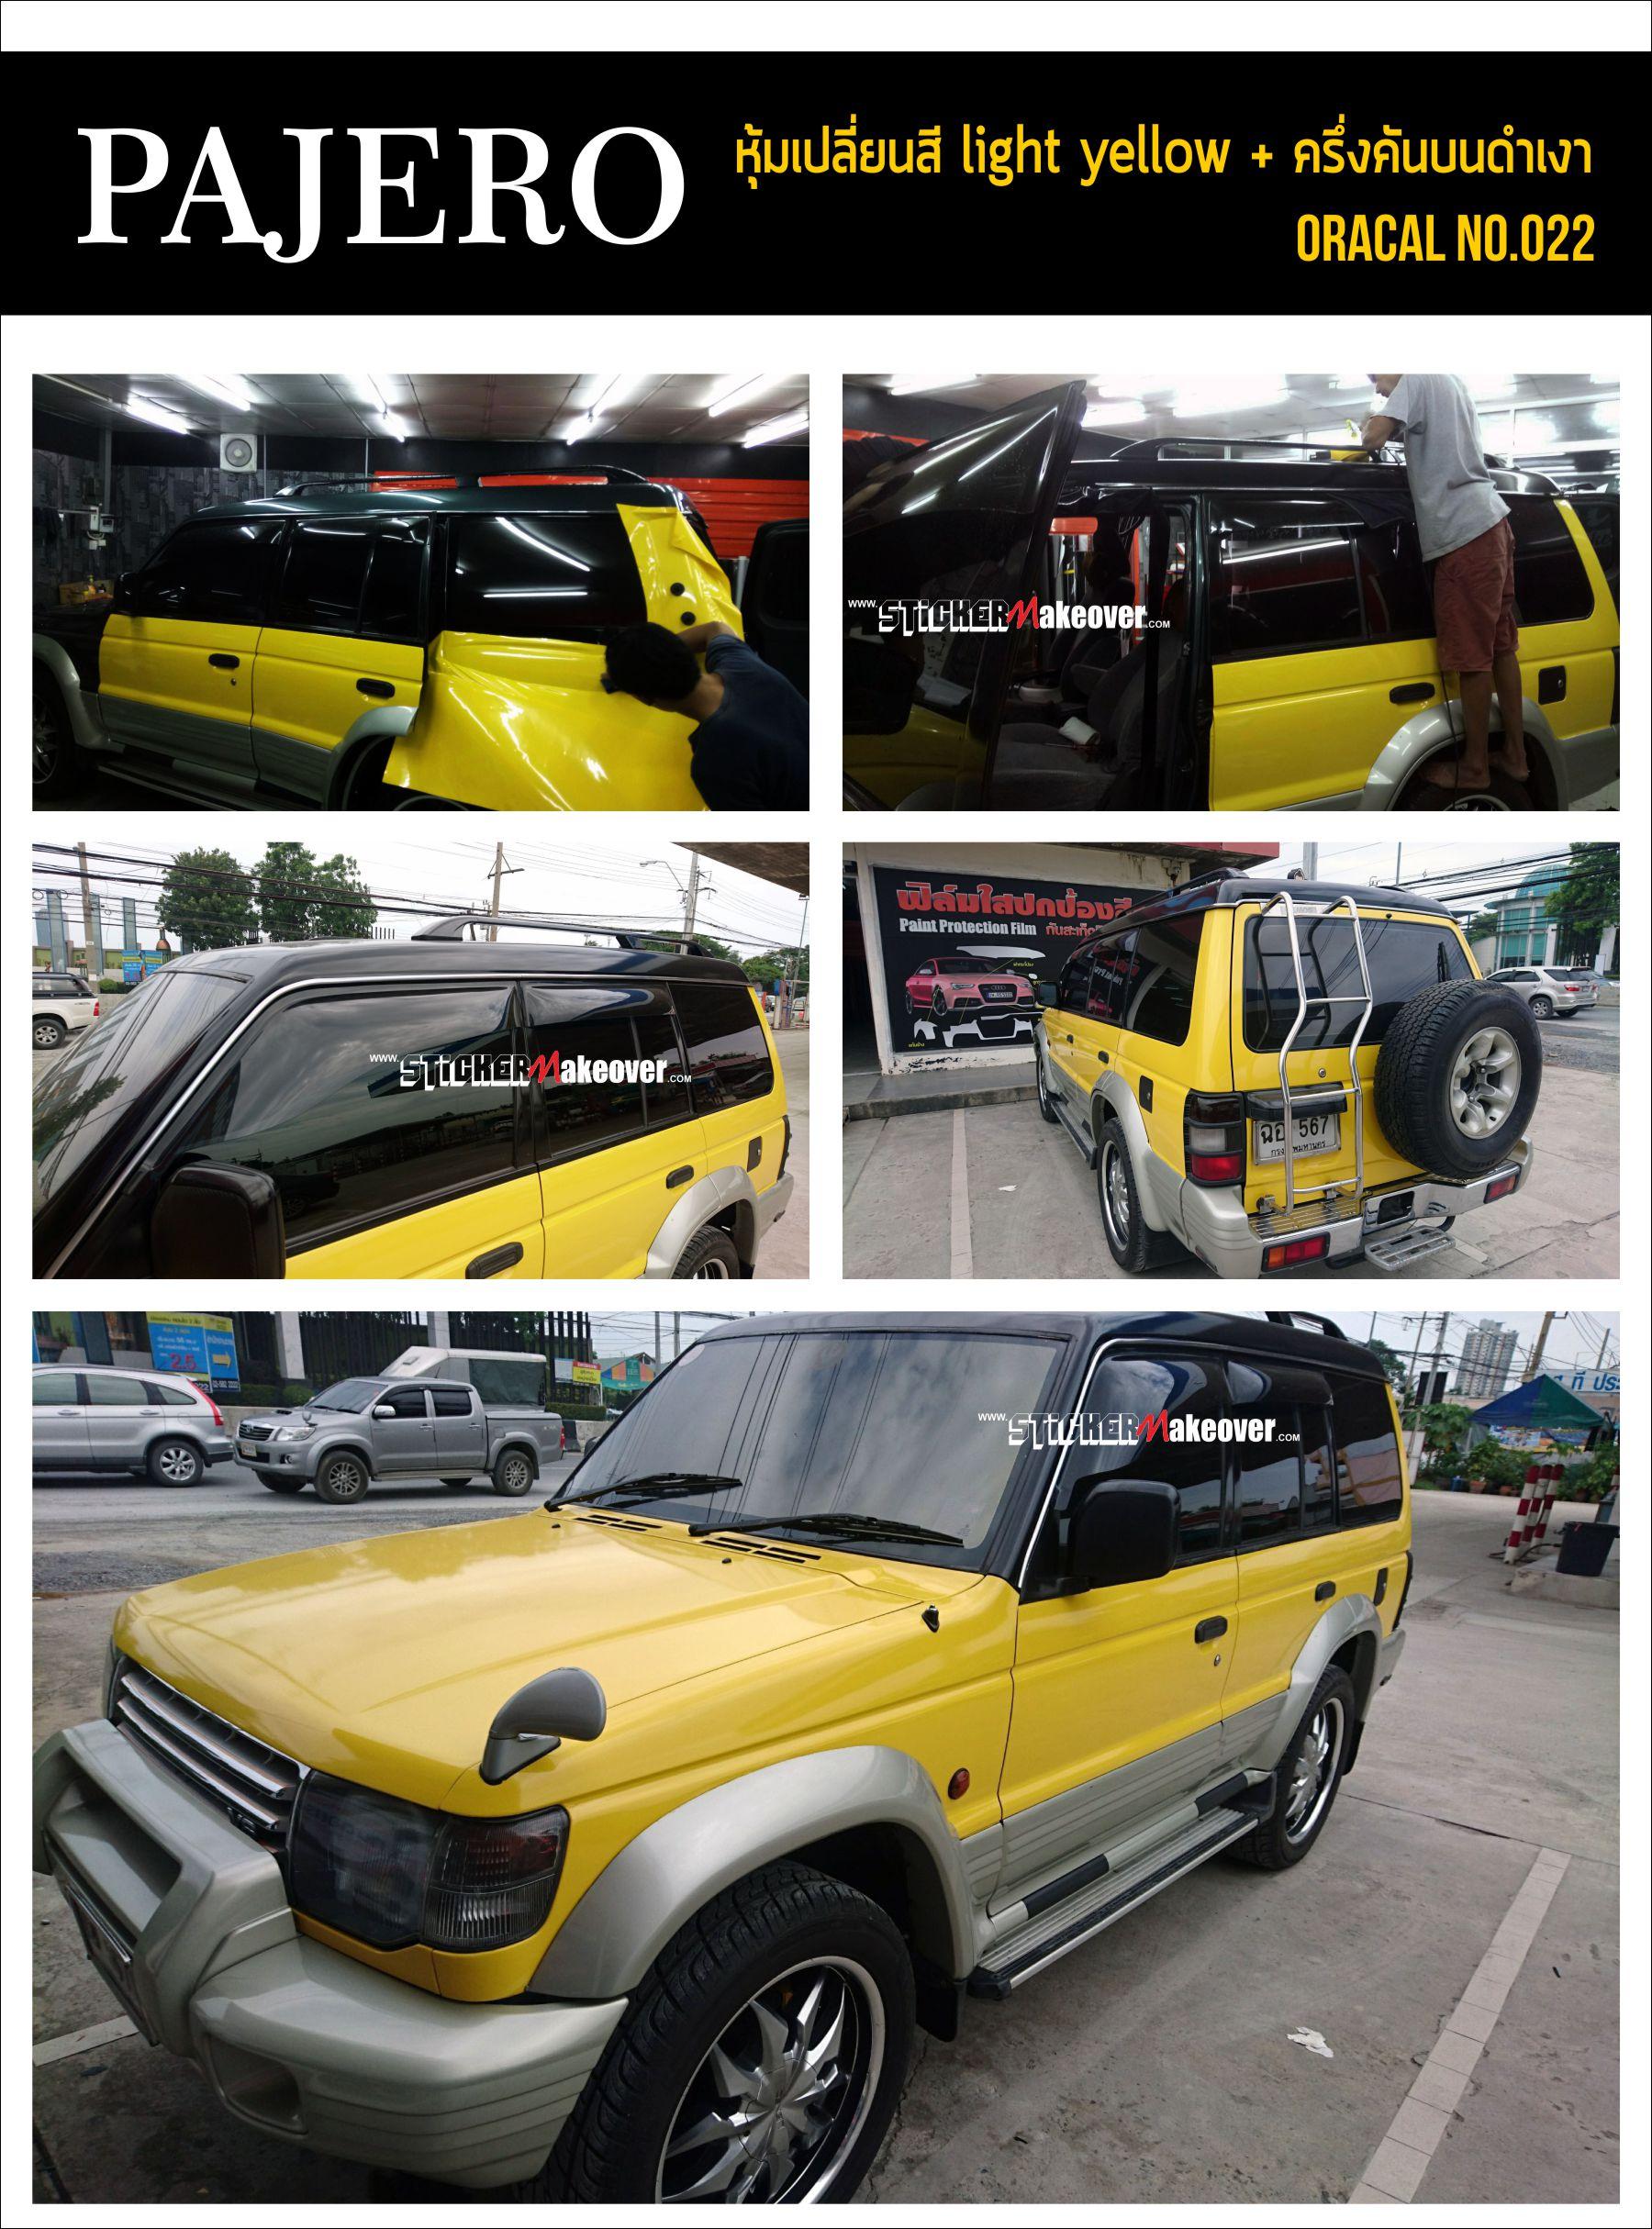 wrap car ฟิล์มหุ้มเปลี่ยนสีรถ wrap pajero สีเหลือง เปลี่ยนสีรถทั้งคันด้วยสติกเกอร์ wrapเปลี่ยนสีรถ pajero